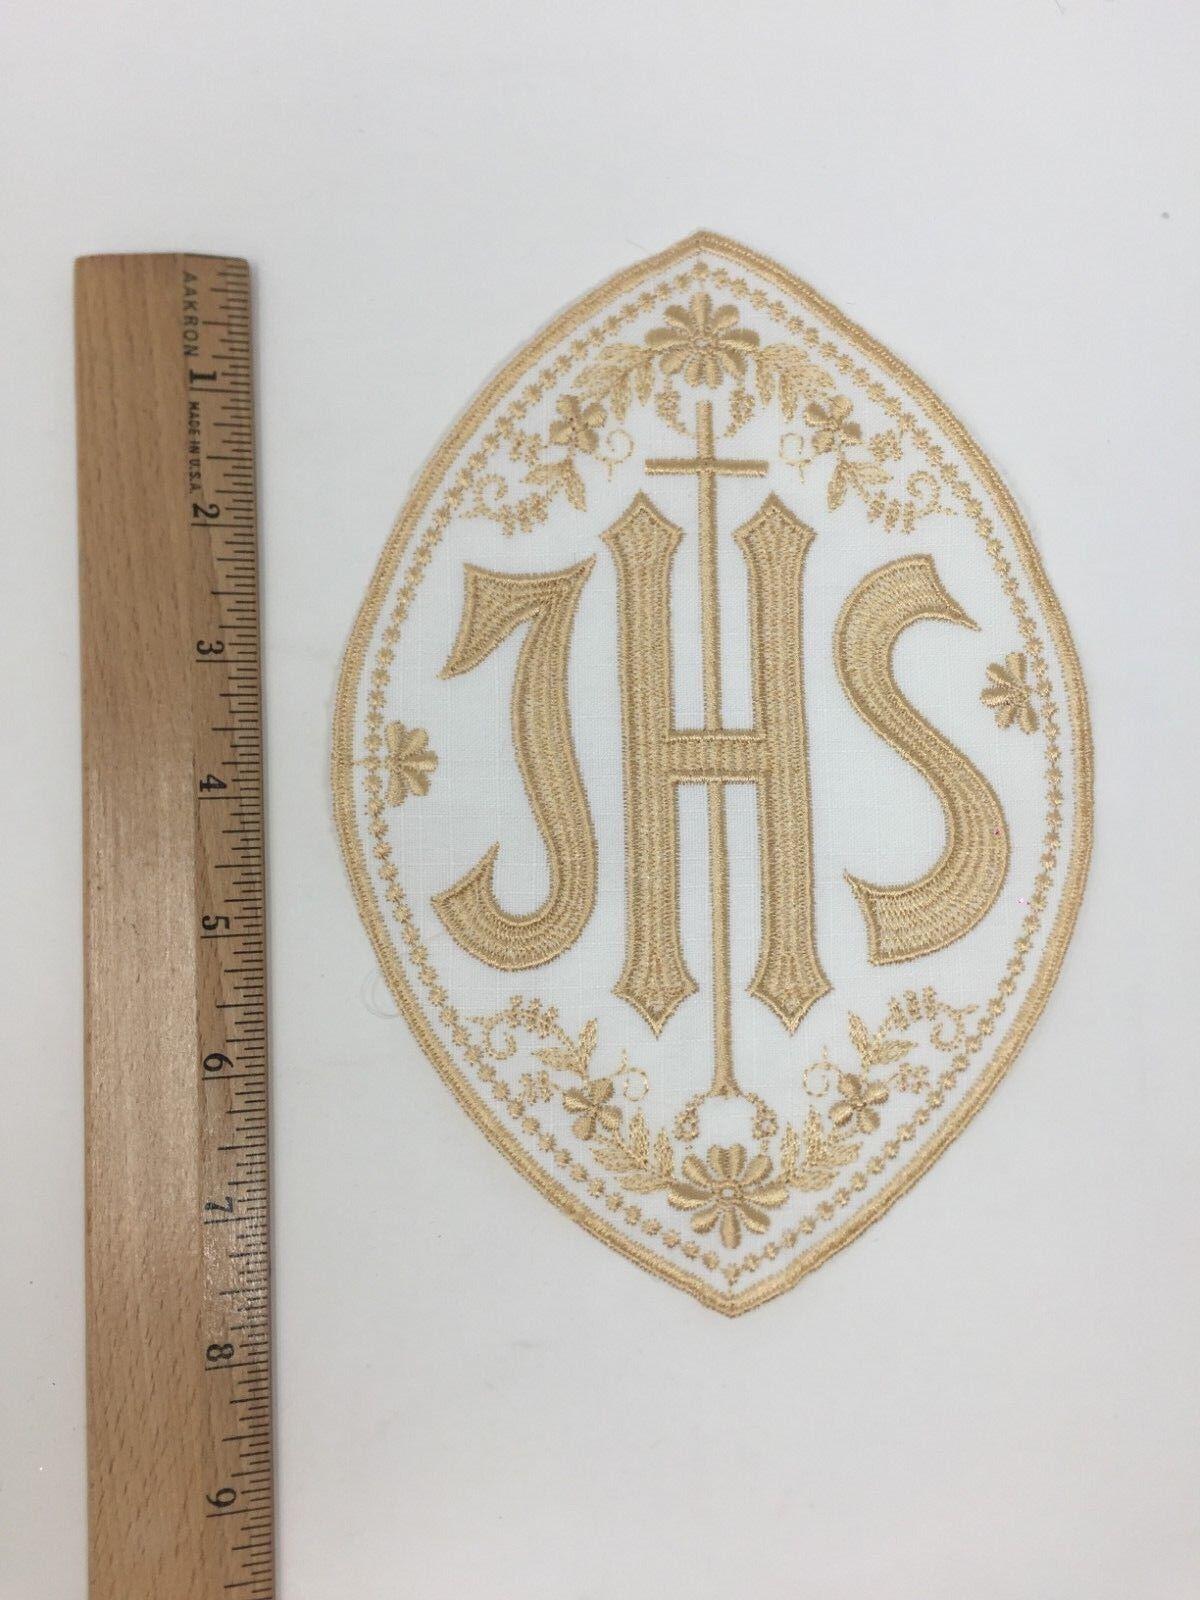 Ihs Lateinisches Kreuz Embleme Helles Gold auf Weiß Bestickt Geistlicher Geistlicher Geistlicher 395562